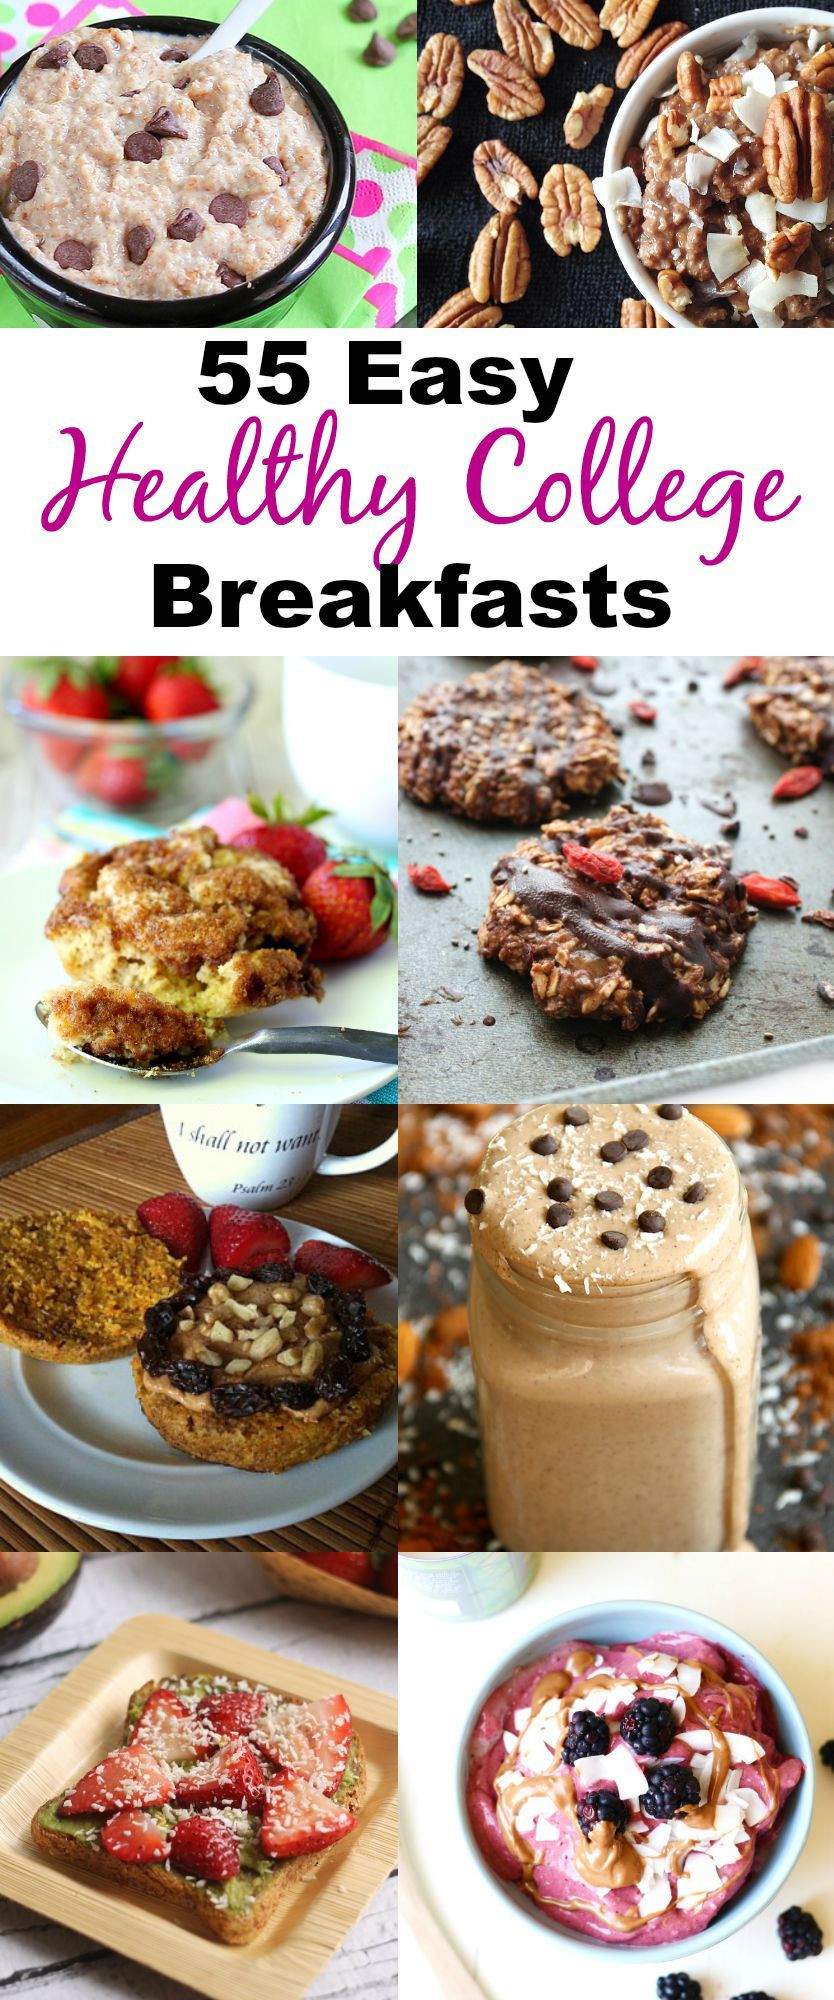 Delicious Healthy Breakfast Recipes  55 Healthy College Breakfast Recipes